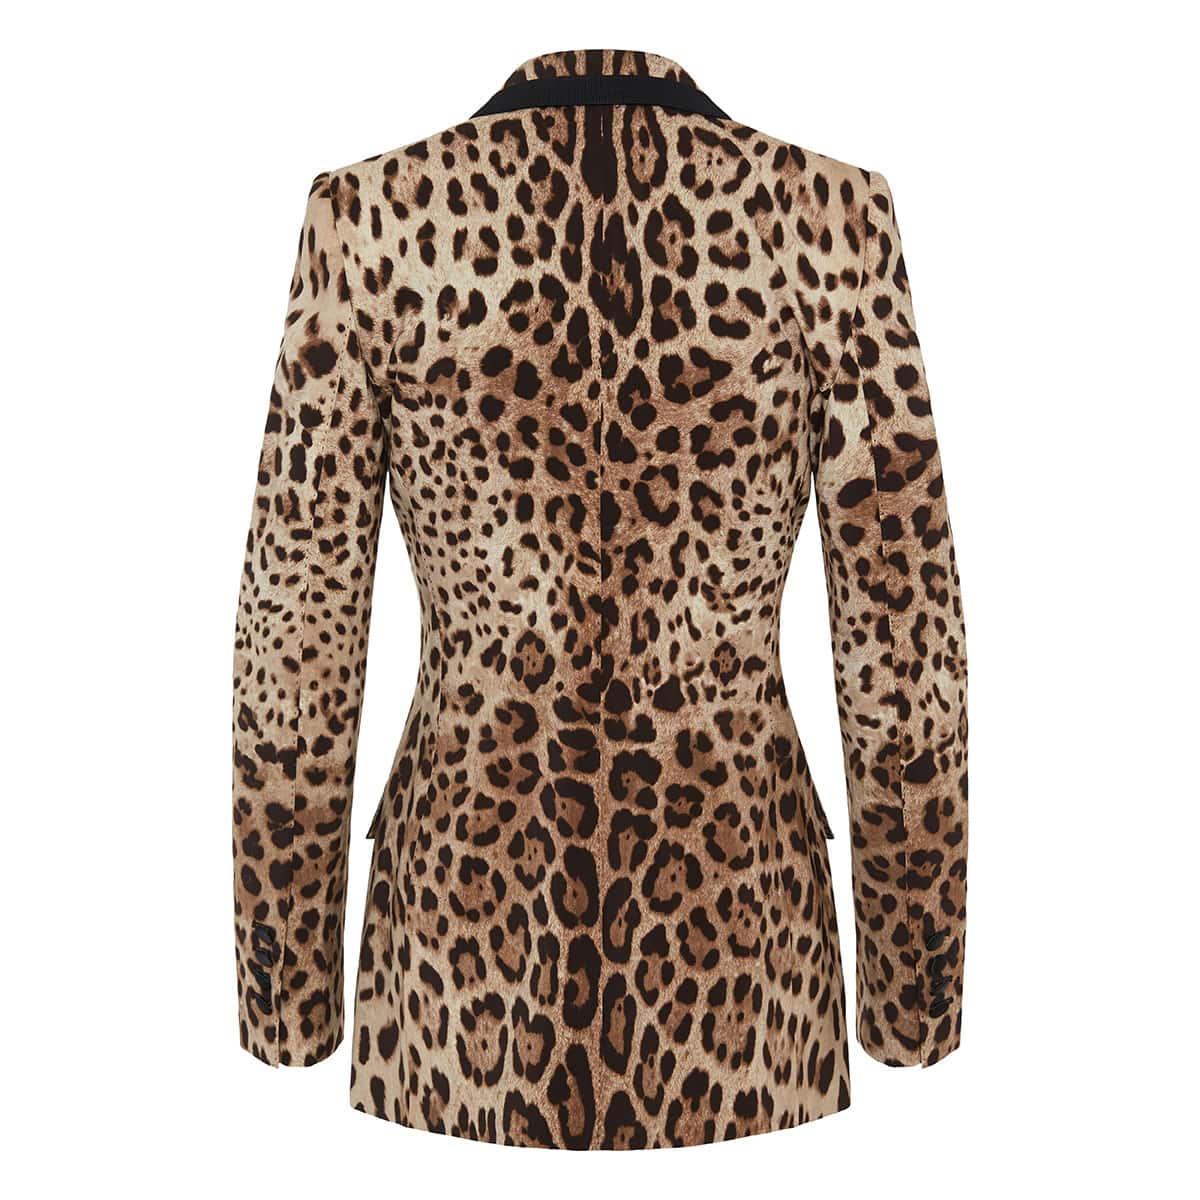 Single-breasted leopard tuxedo blazer